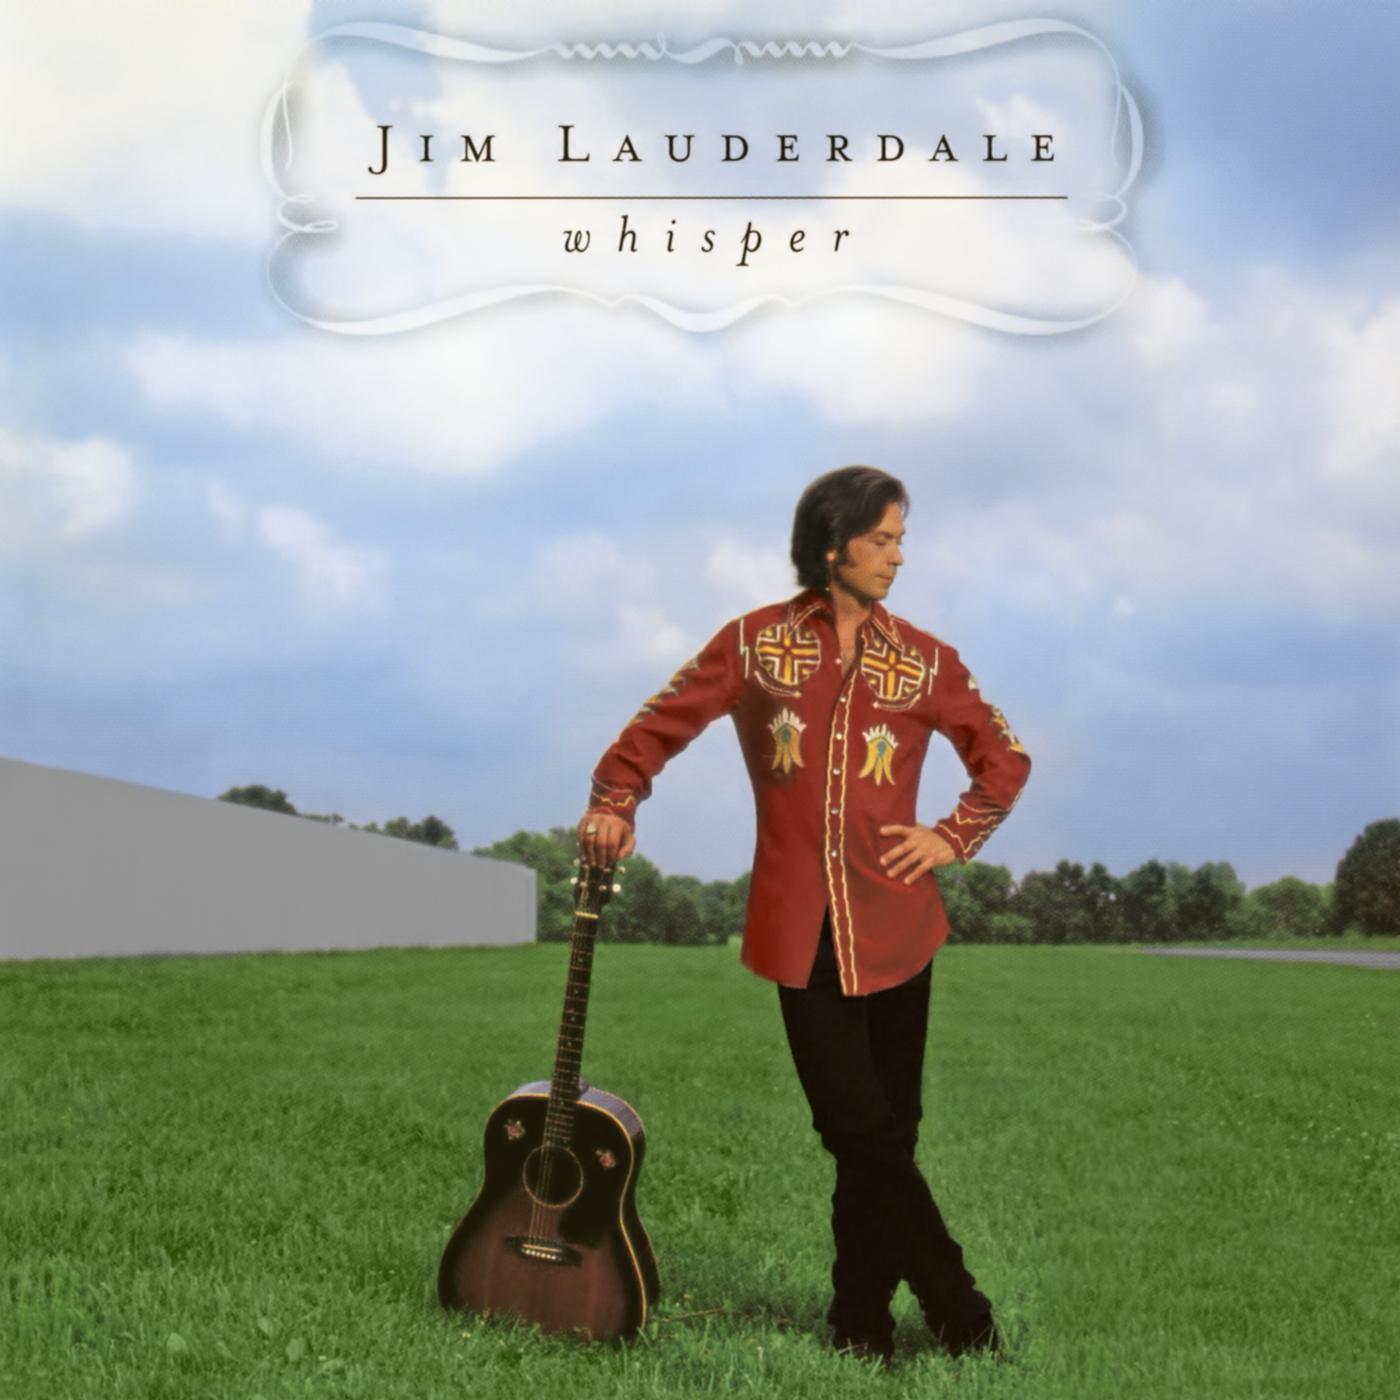 Whisper - Jim Lauderdale